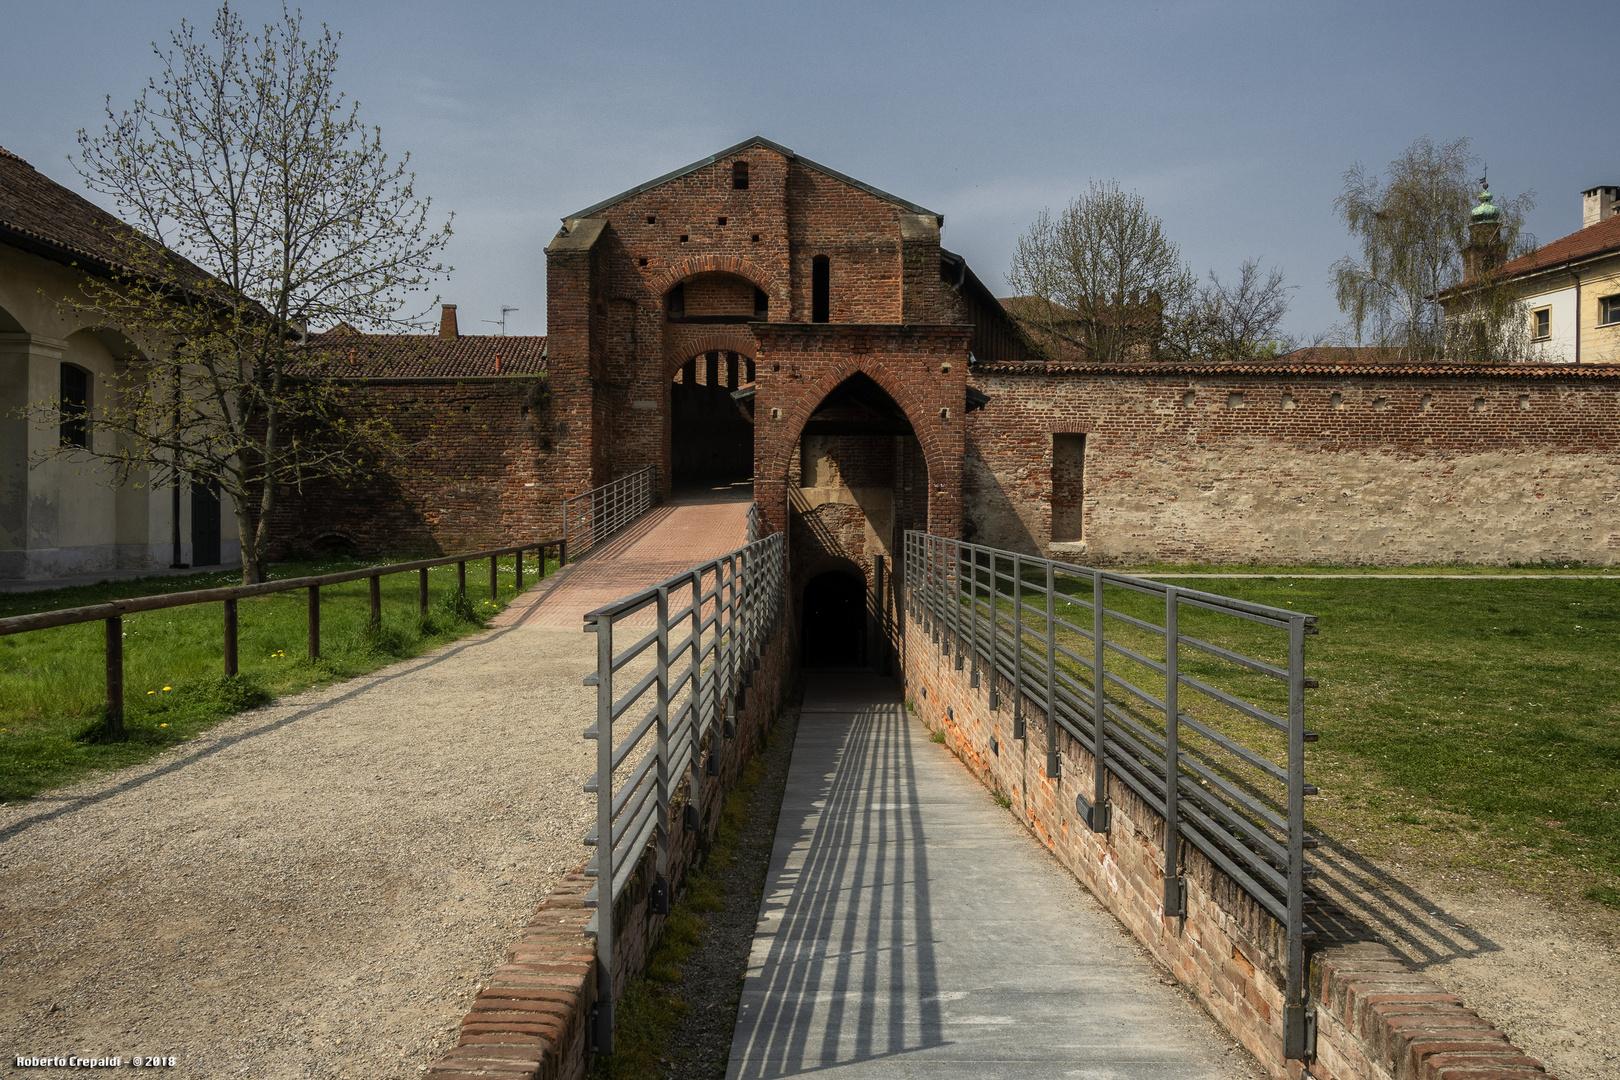 Strada Coperta del Castello di Vigevano, porte ingresso